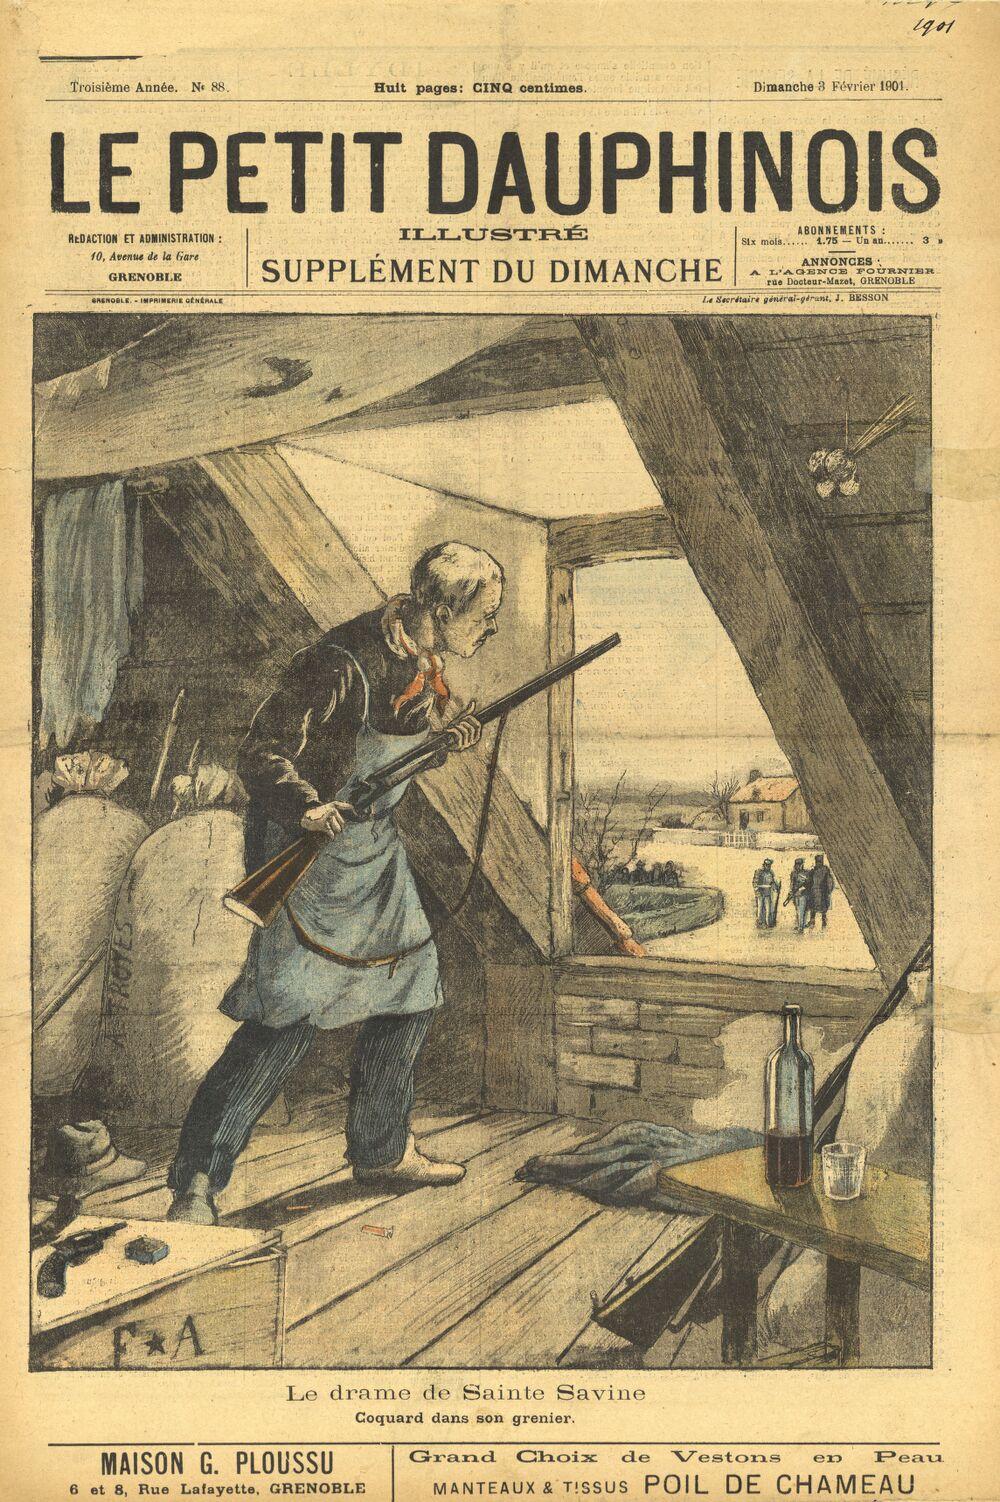 Le Petit Dauphinois illustré : supplément du dimanche